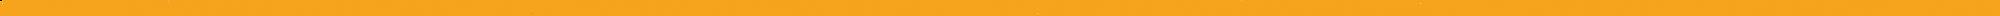 Orange_Line.png